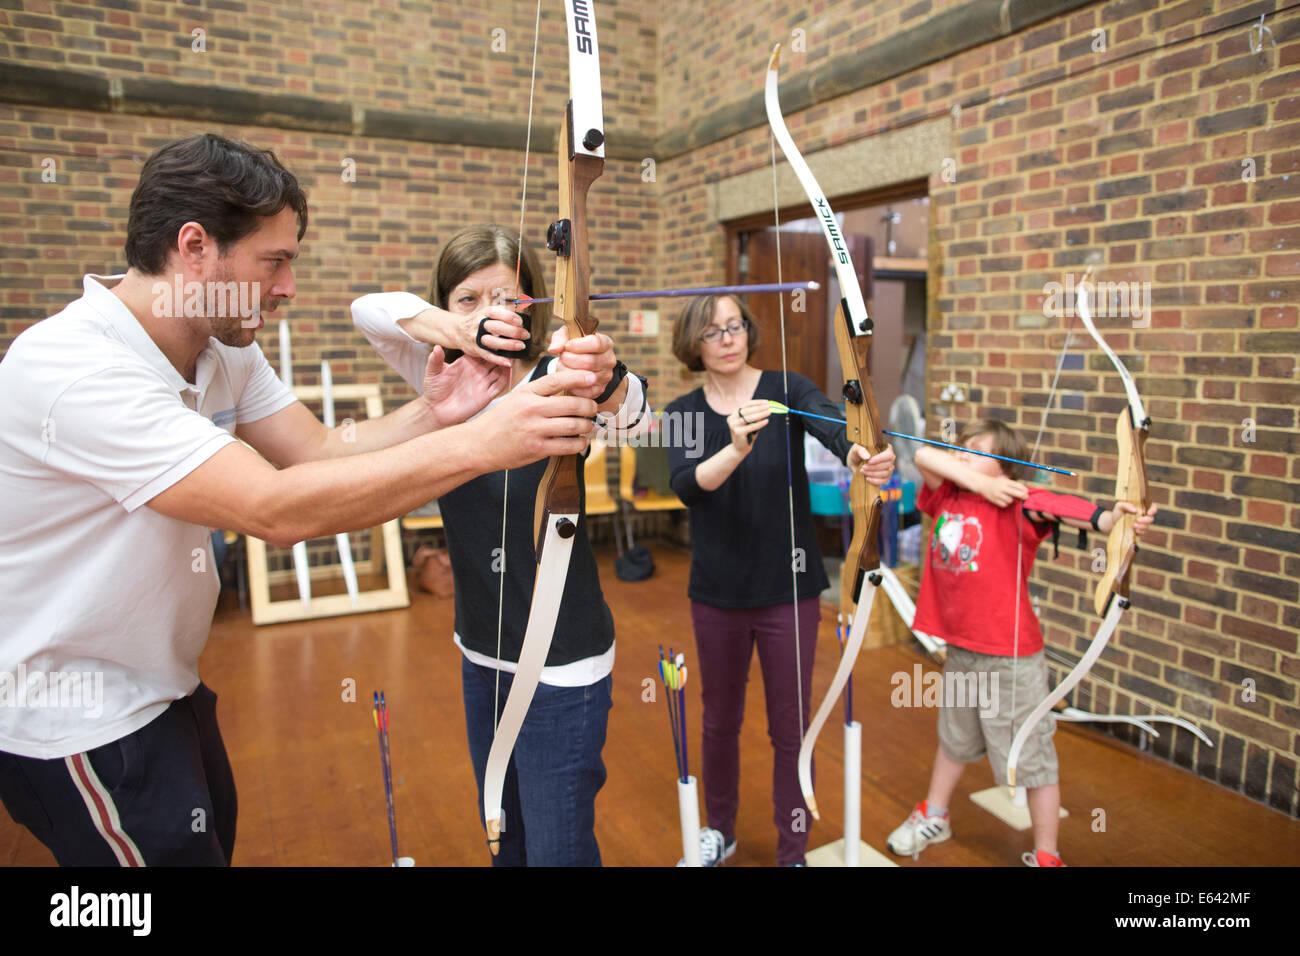 Piscina lezioni di tiro con l'arco a 'esperienza tiro con l'arco' in London, England, Regno Unito Foto Stock